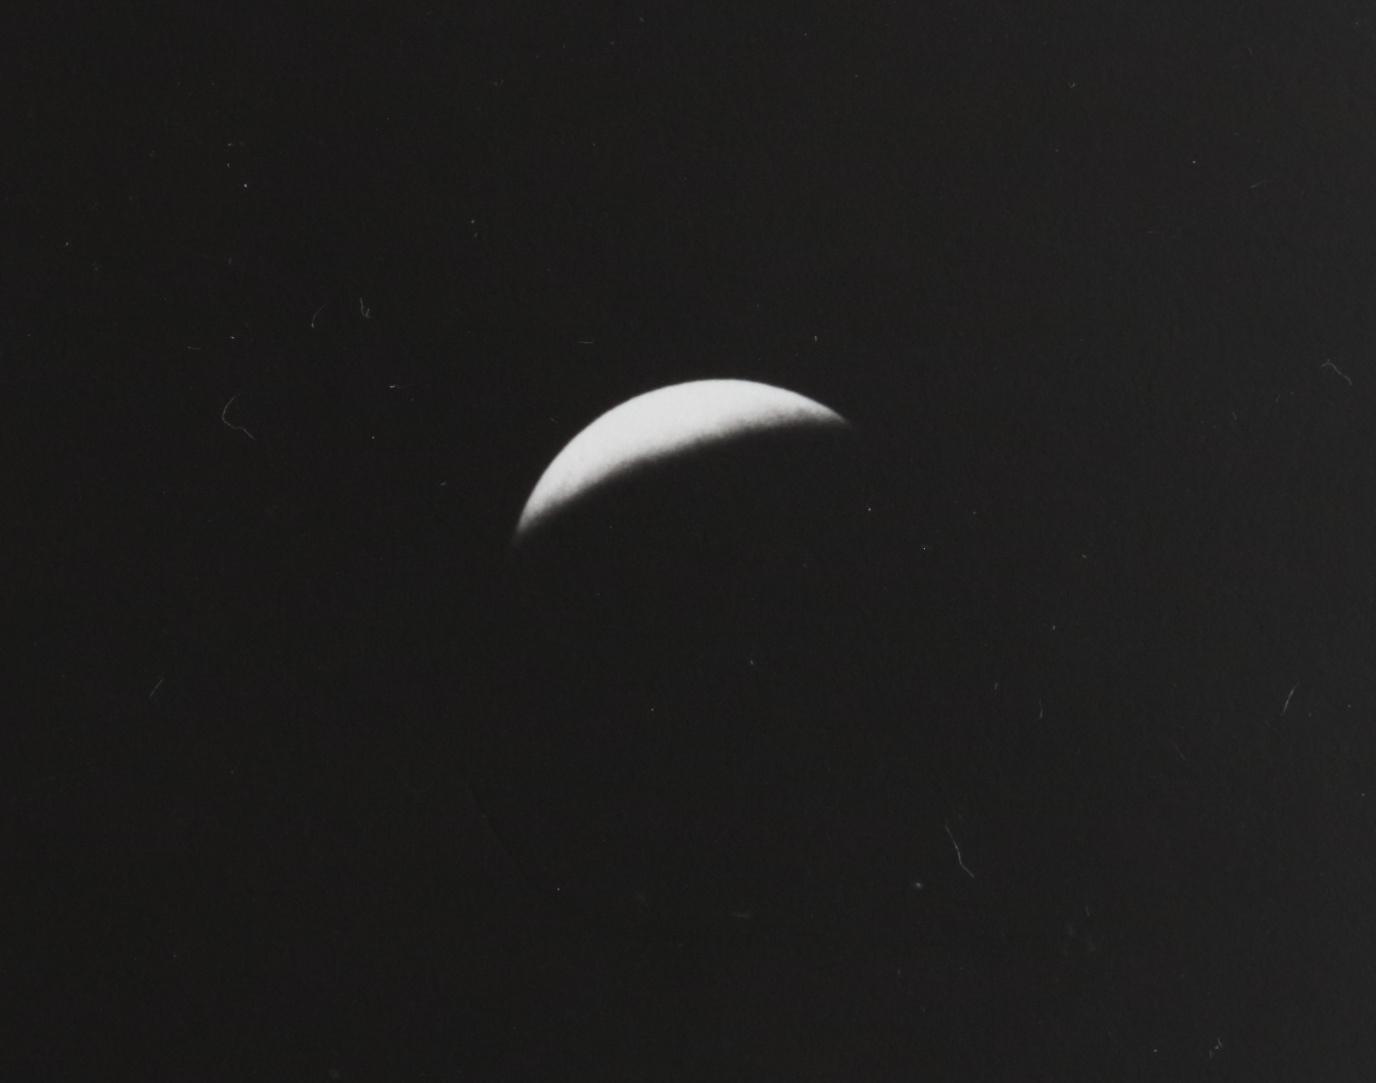 Eclipse lune 4 juin 1974.JPG